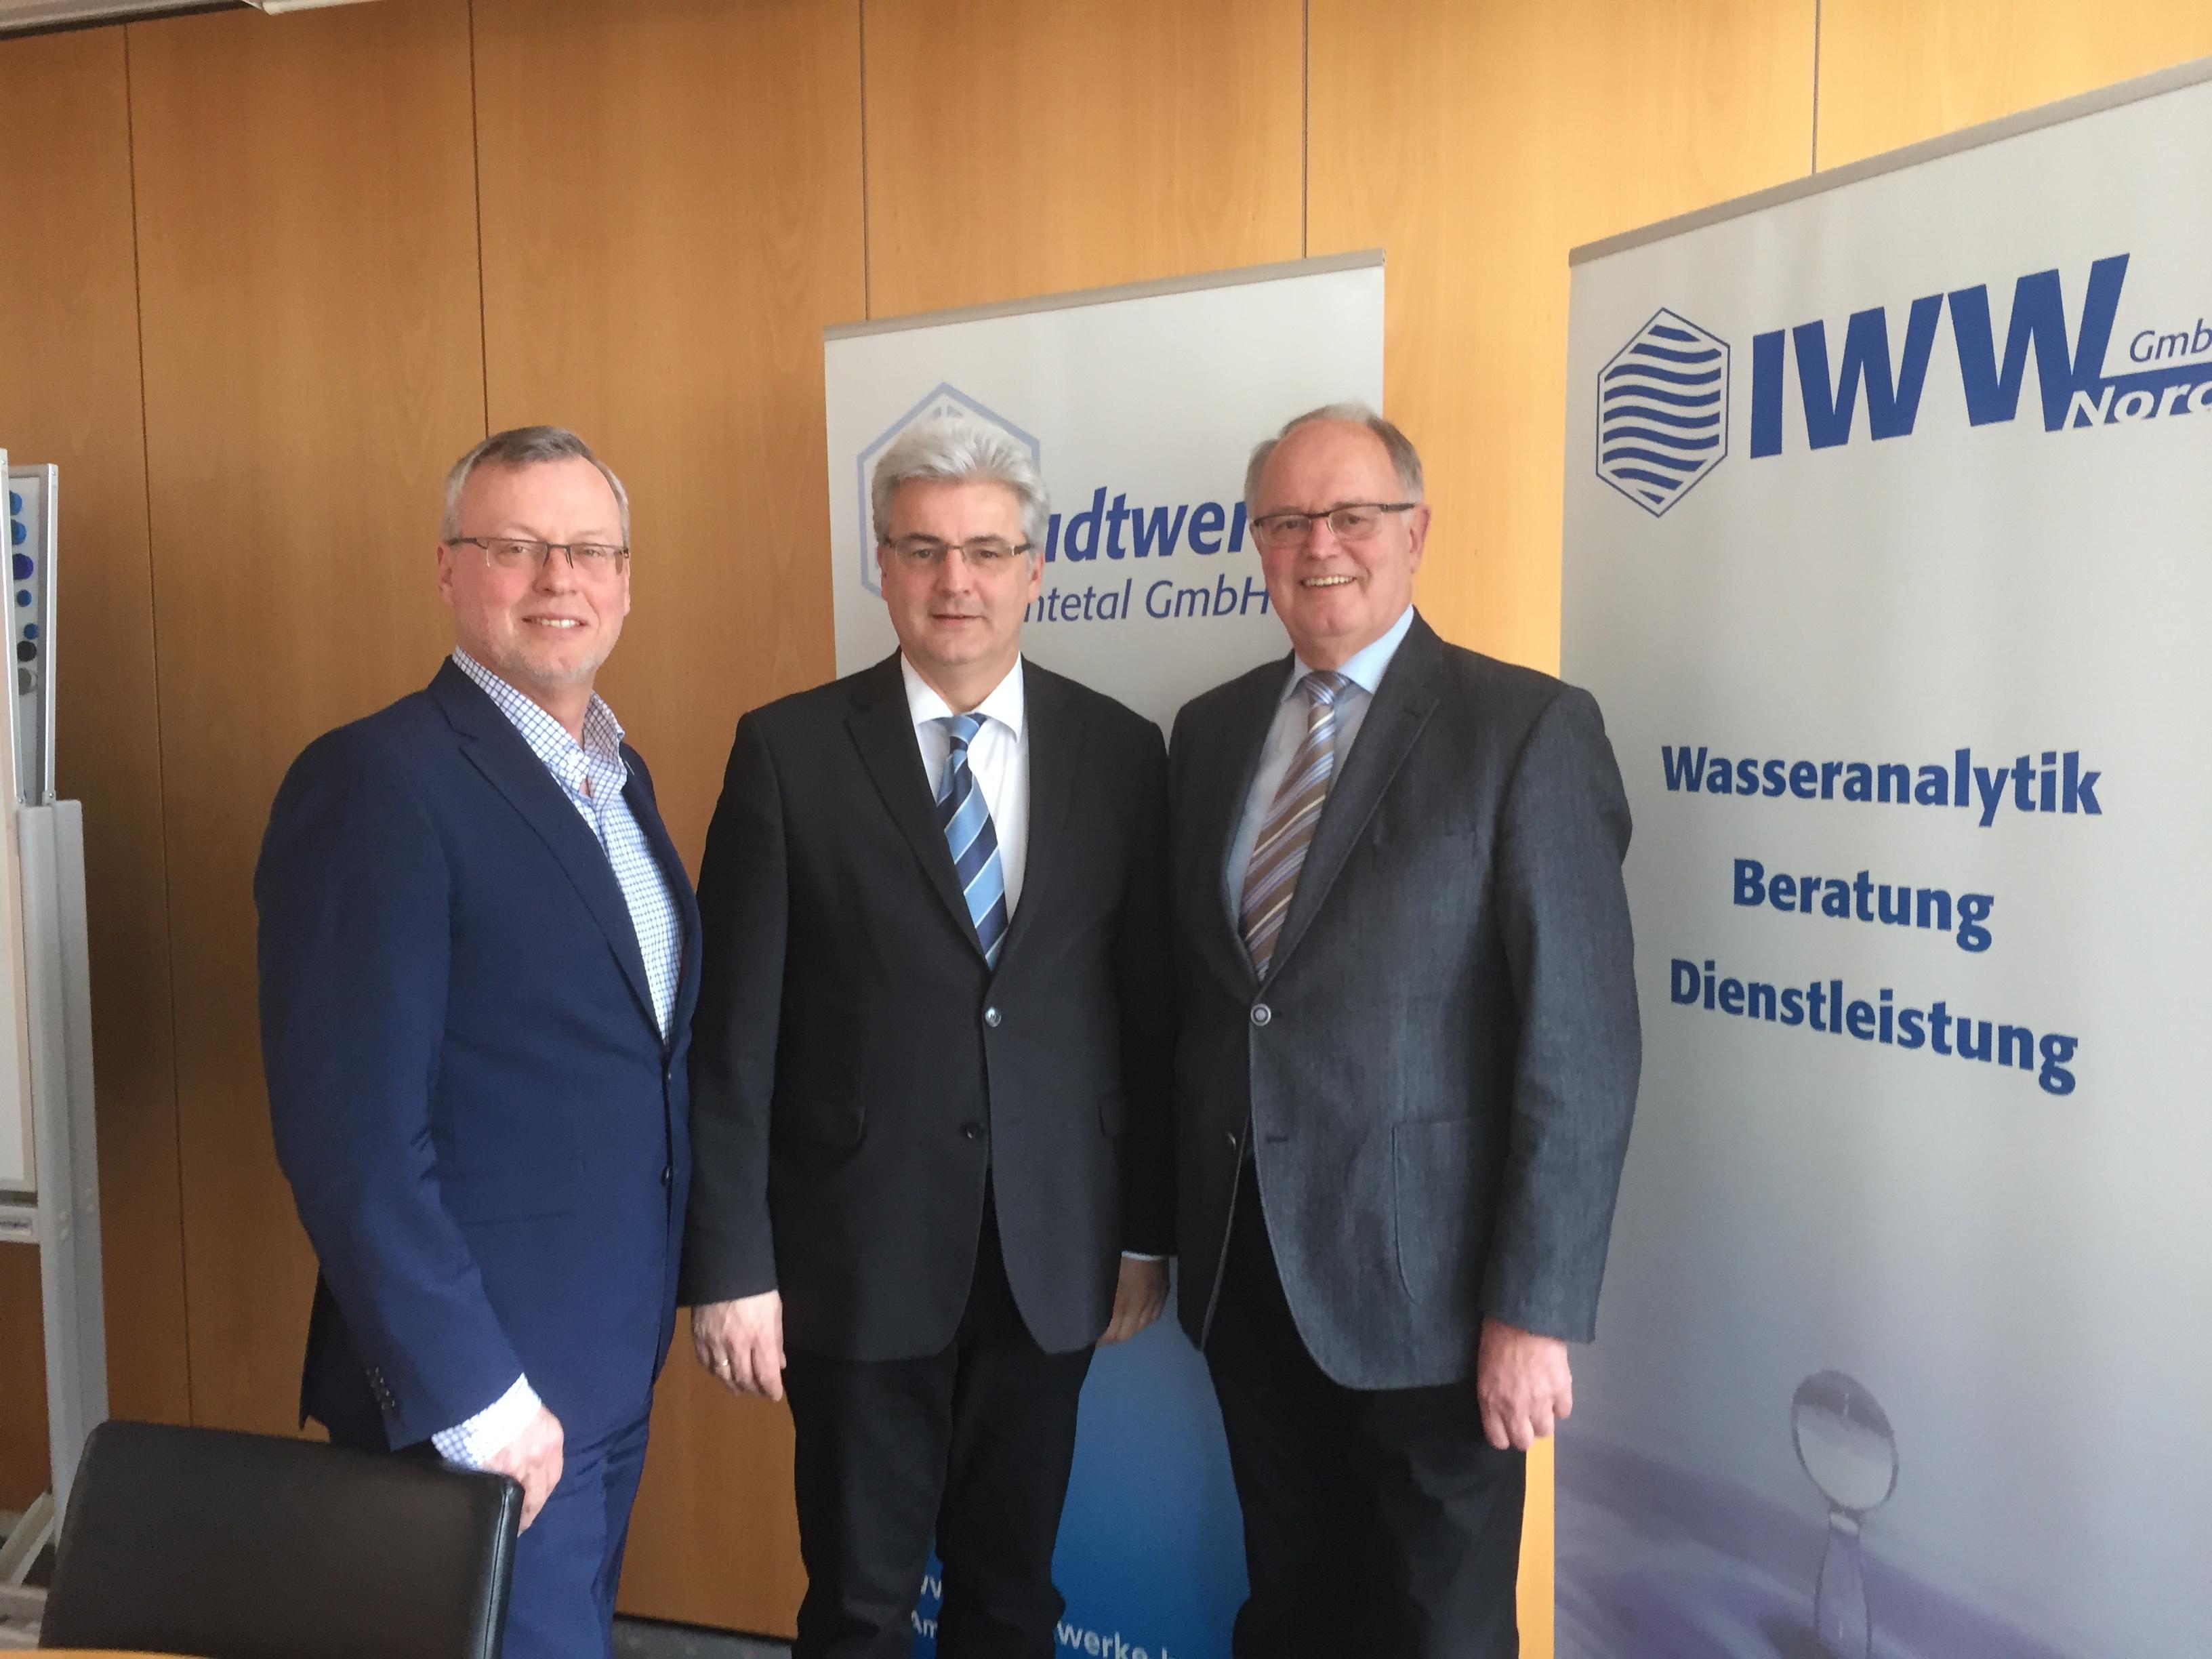 Foto: Bundestagsabgeordneter Axel Knoerig (M.) mit Geschäftsführer Waldemar Opalla und dem Aufsichtsratsvorsitzenden Horst Glockzin bei den Stadtwerken Huntetal